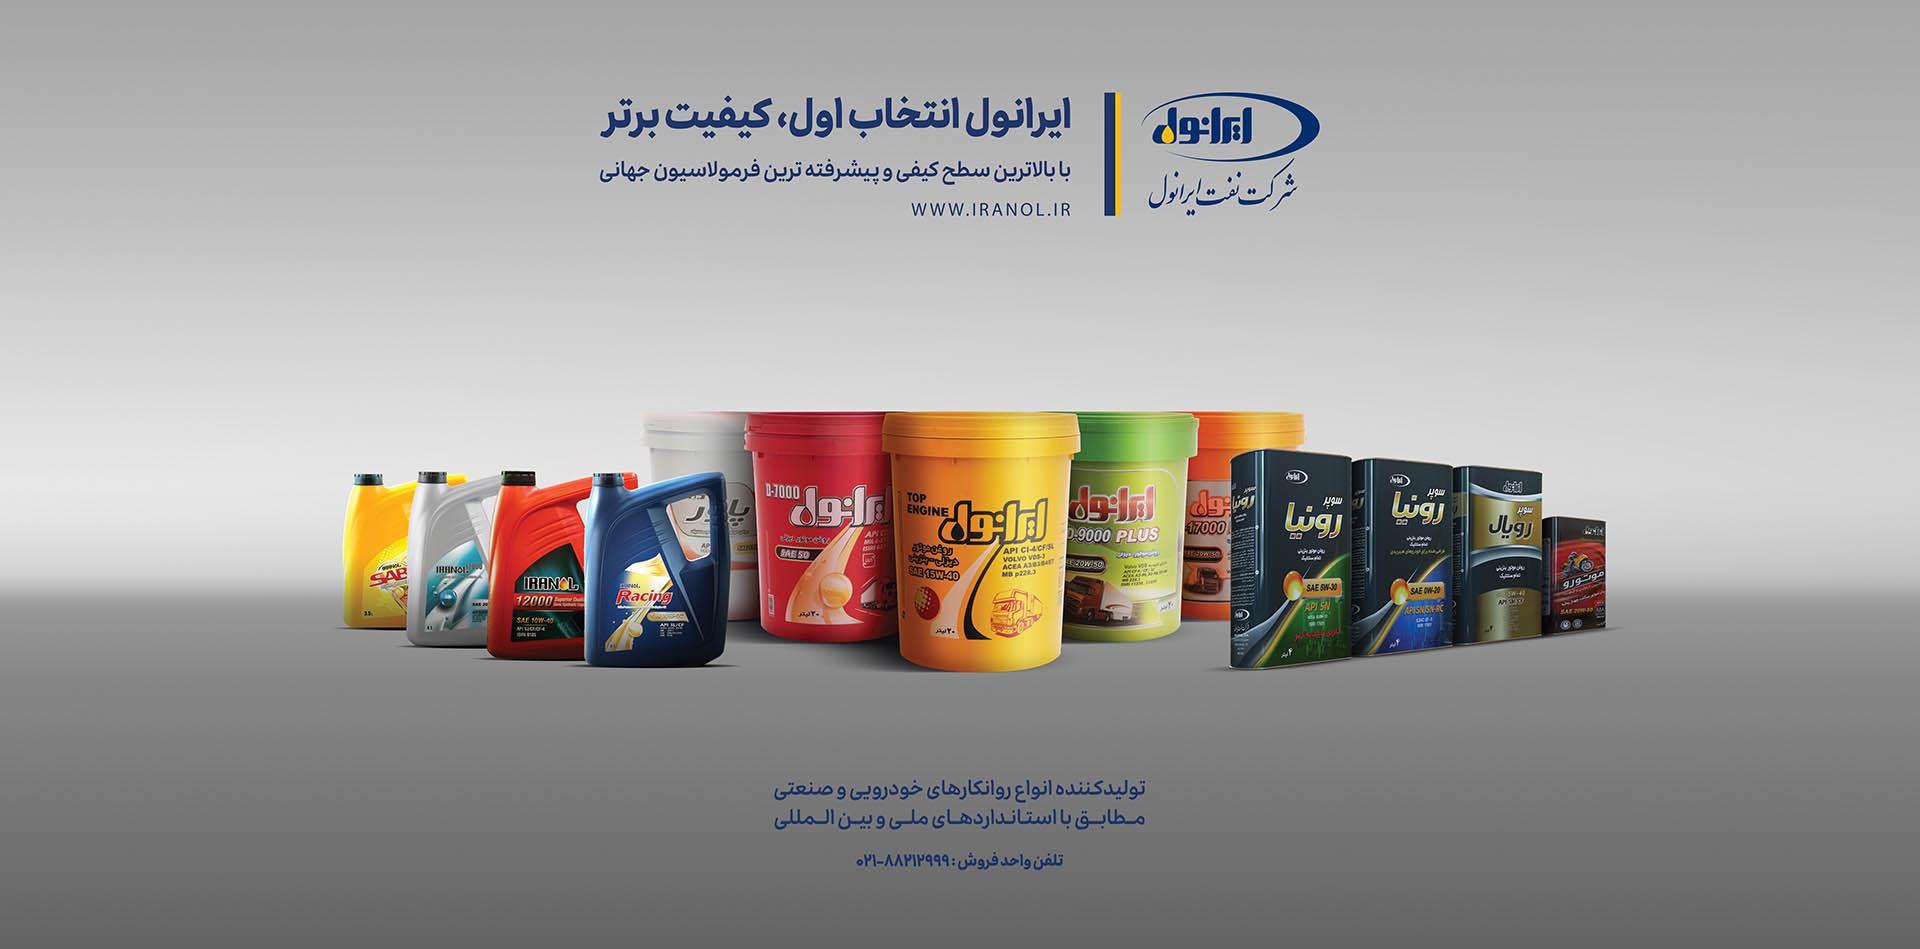 سبد محصولات ایرانول